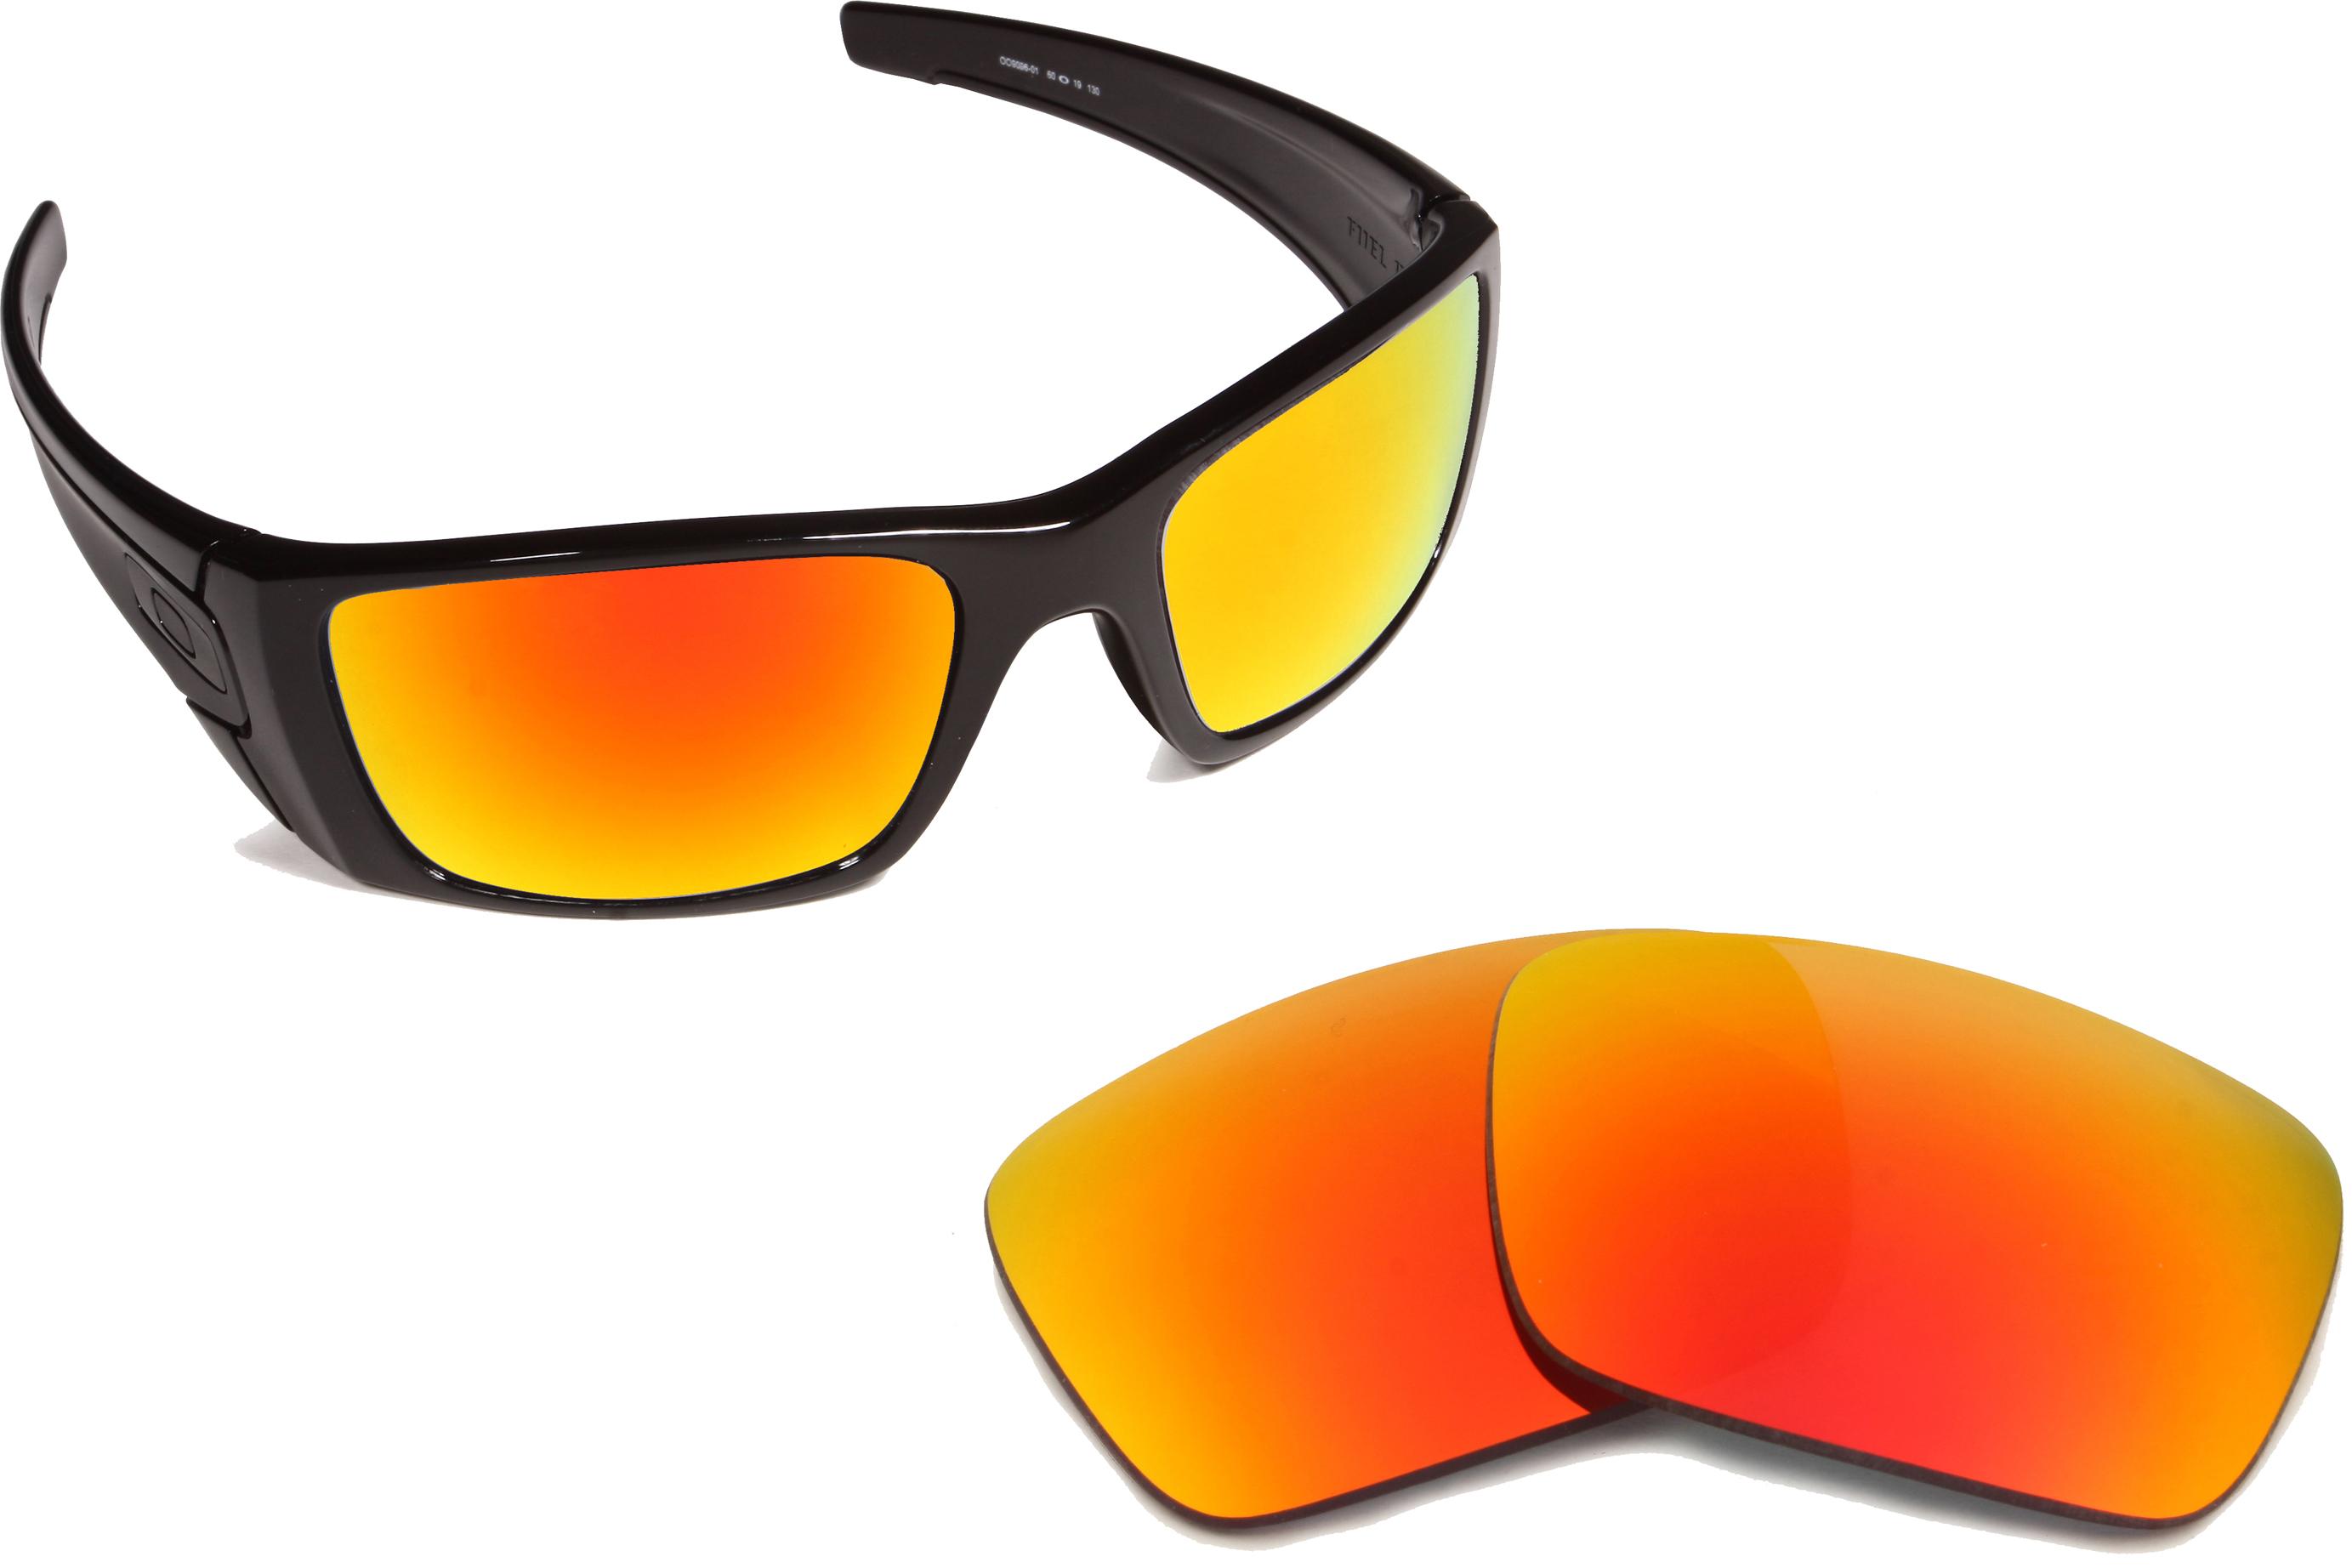 oakley e wire replacement lenses ifix  oakley e wire replacement lenses